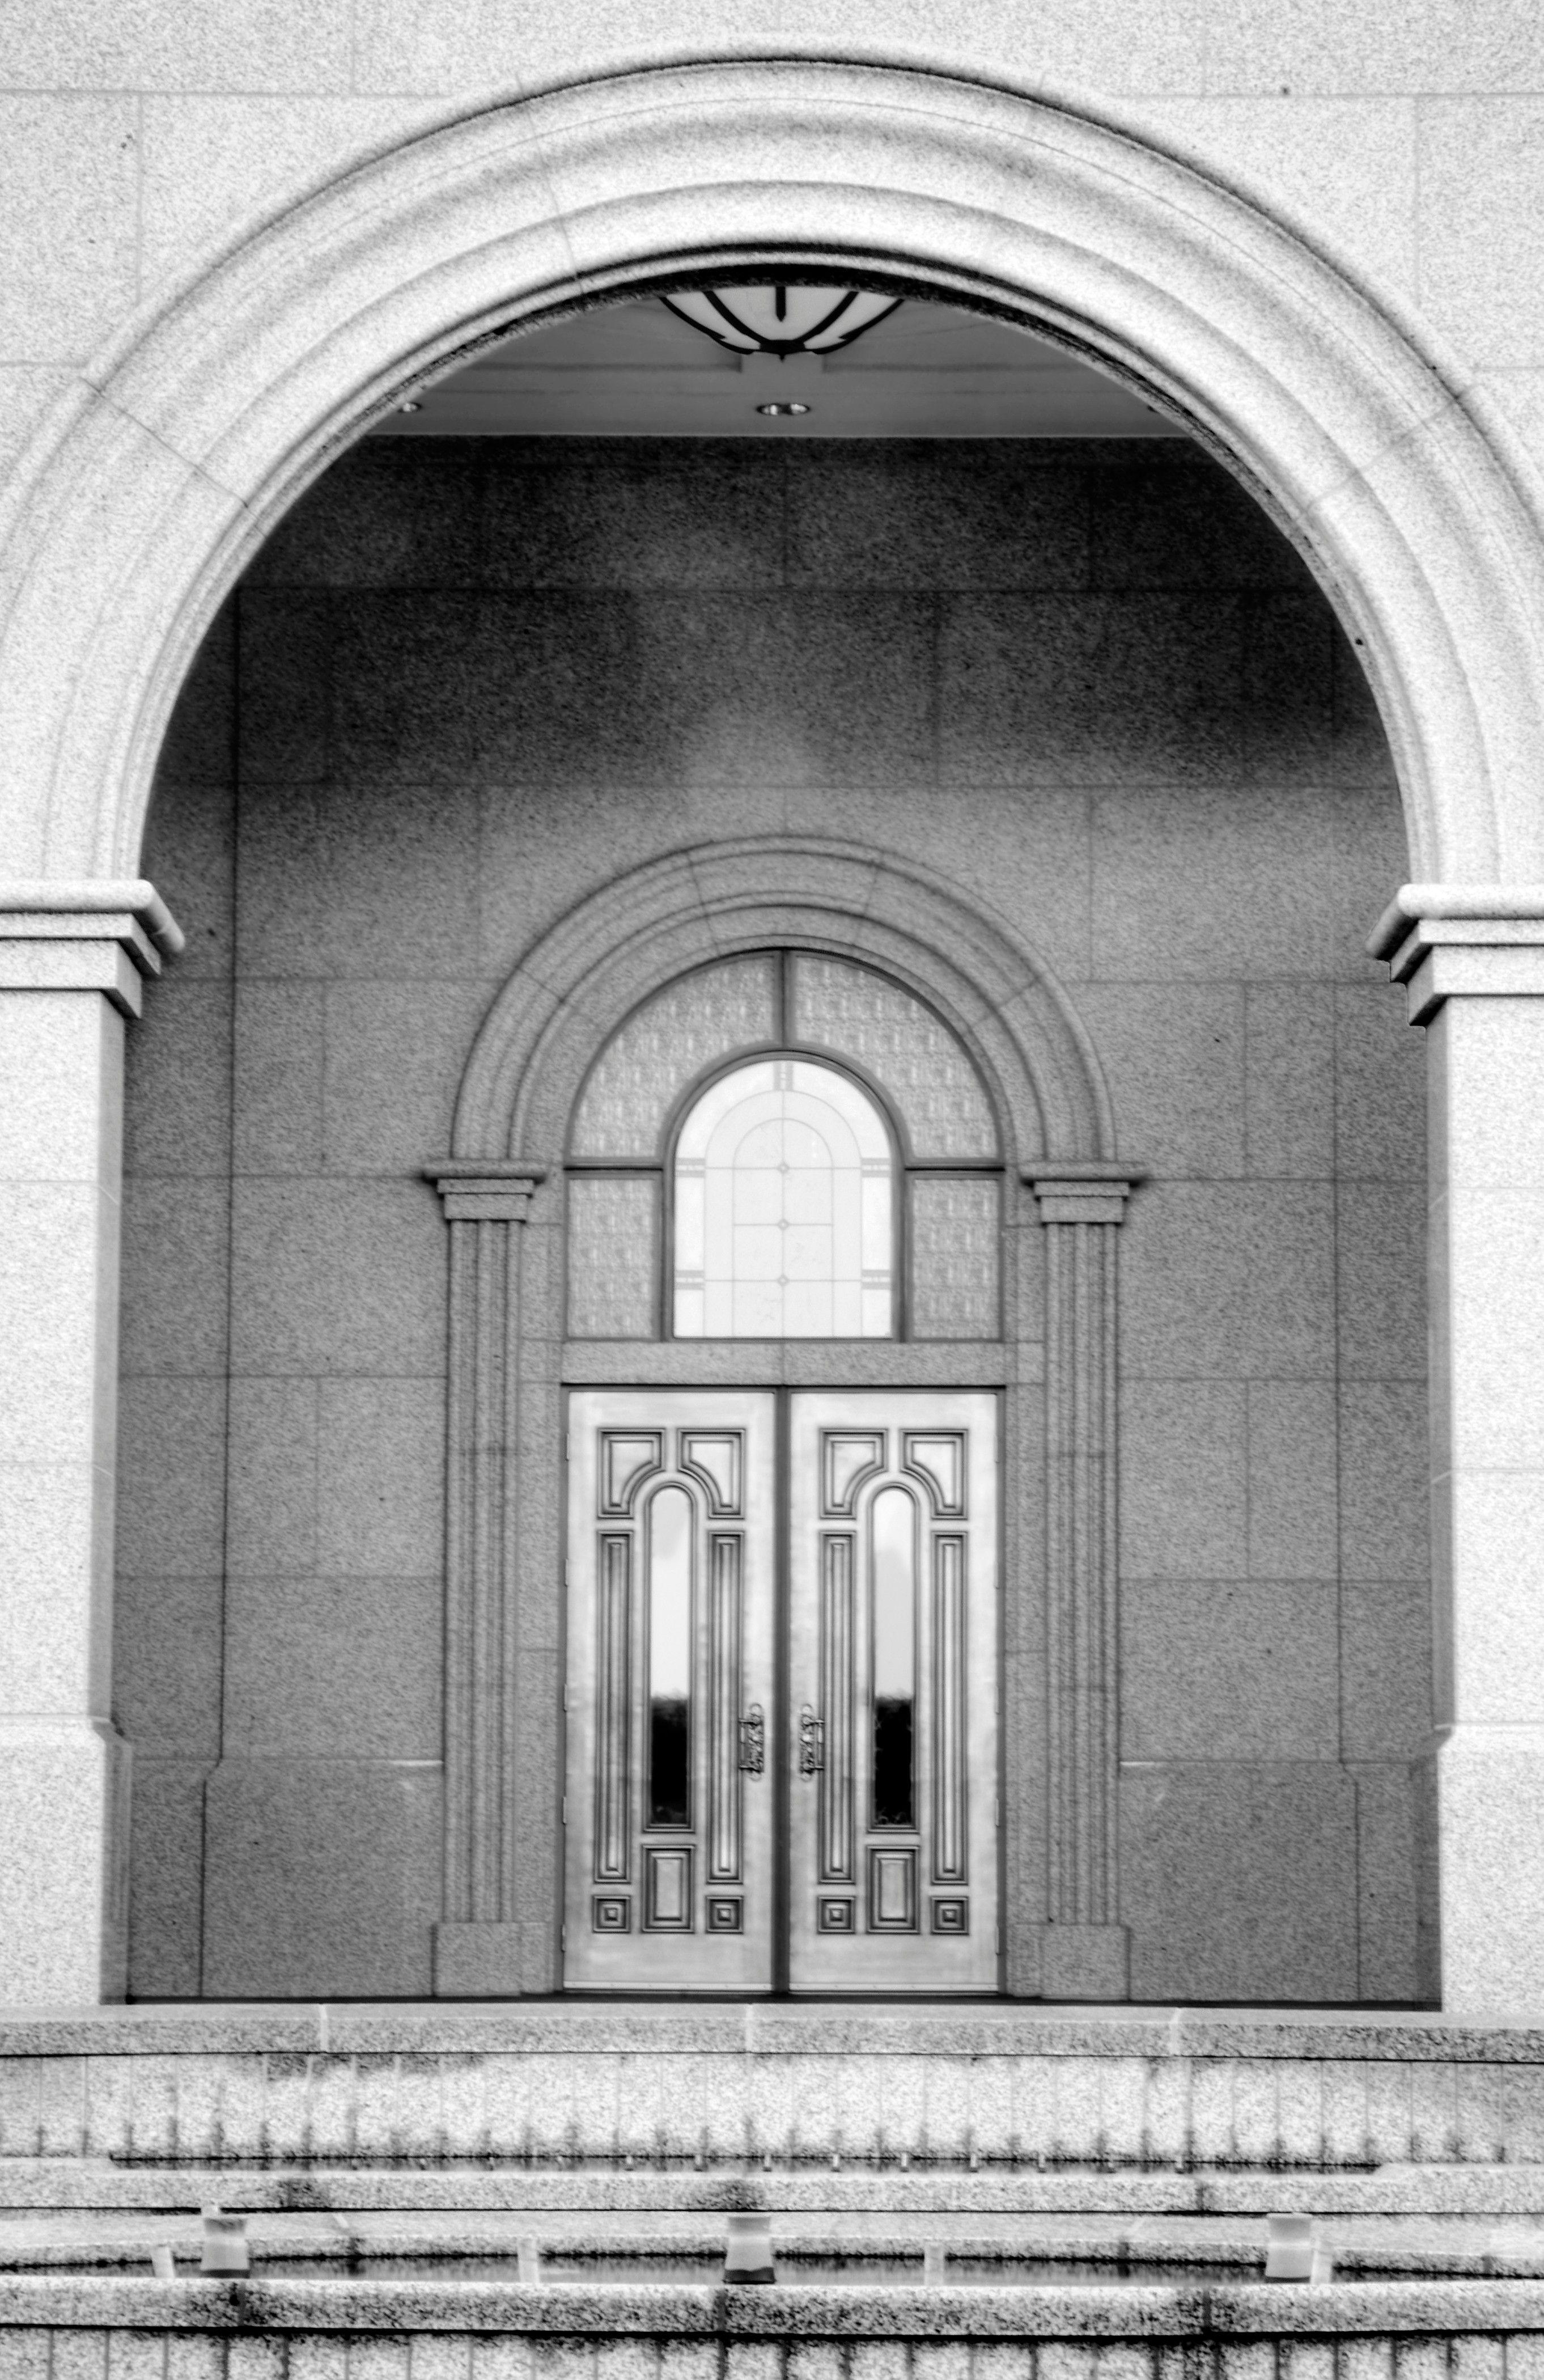 The Sacramento California Temple entrance.